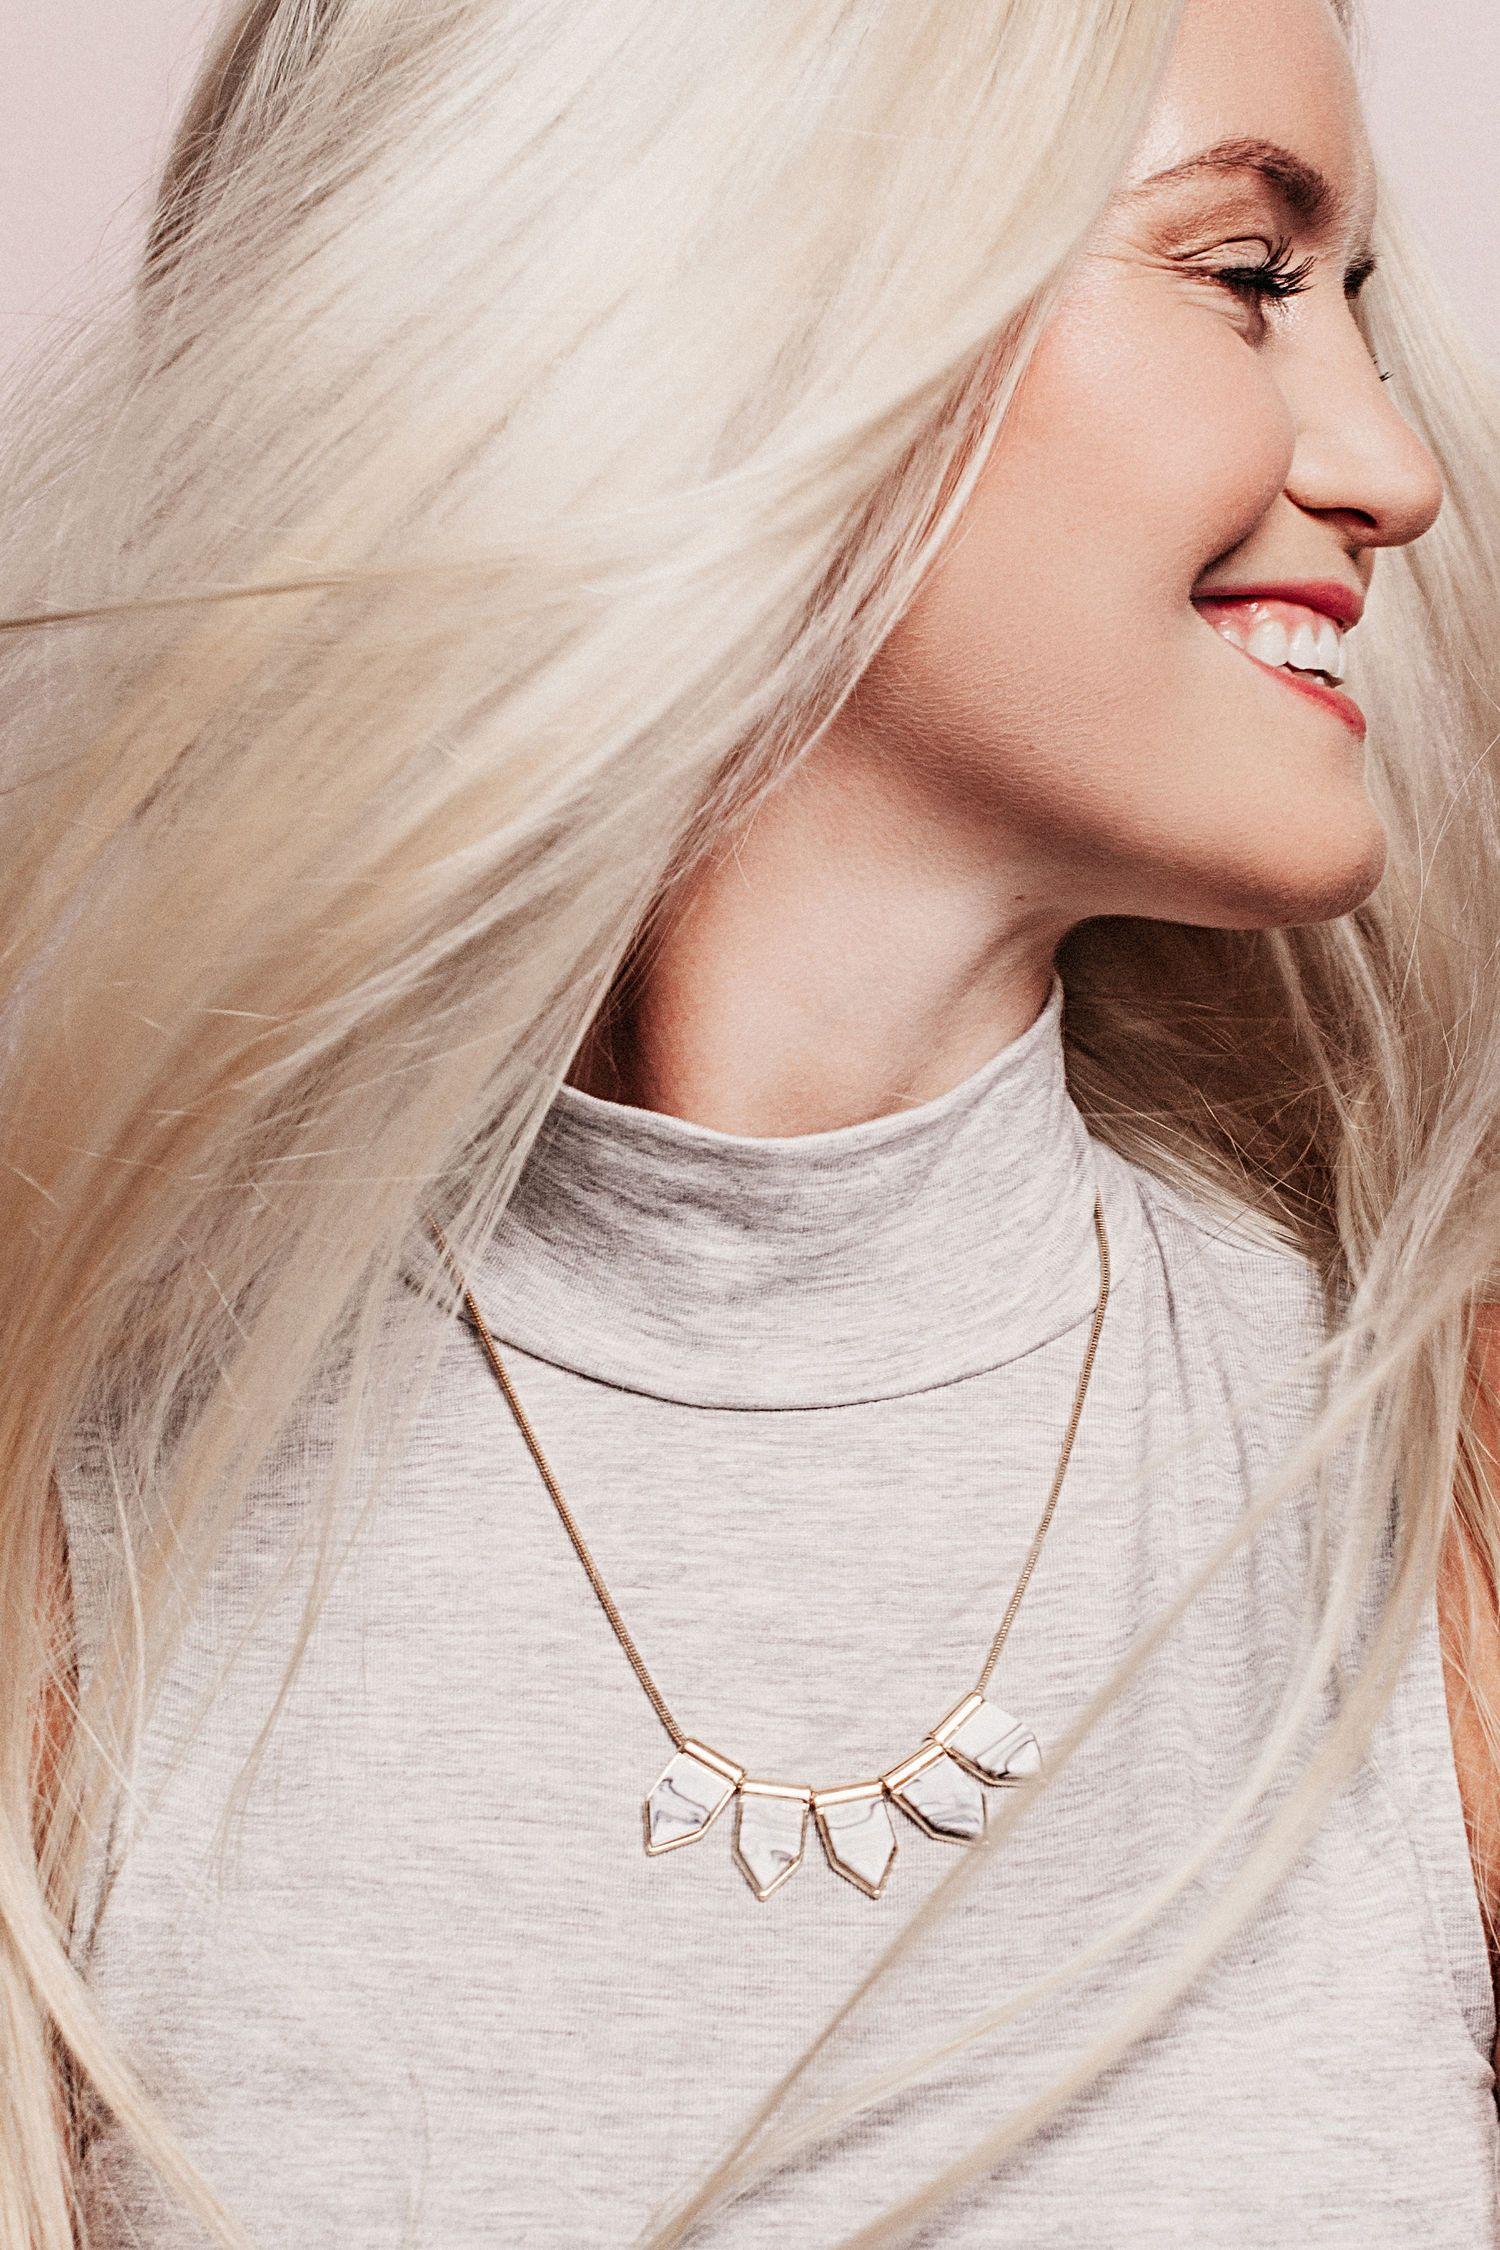 blonde haare: trends, styling und pflege | glatte haare